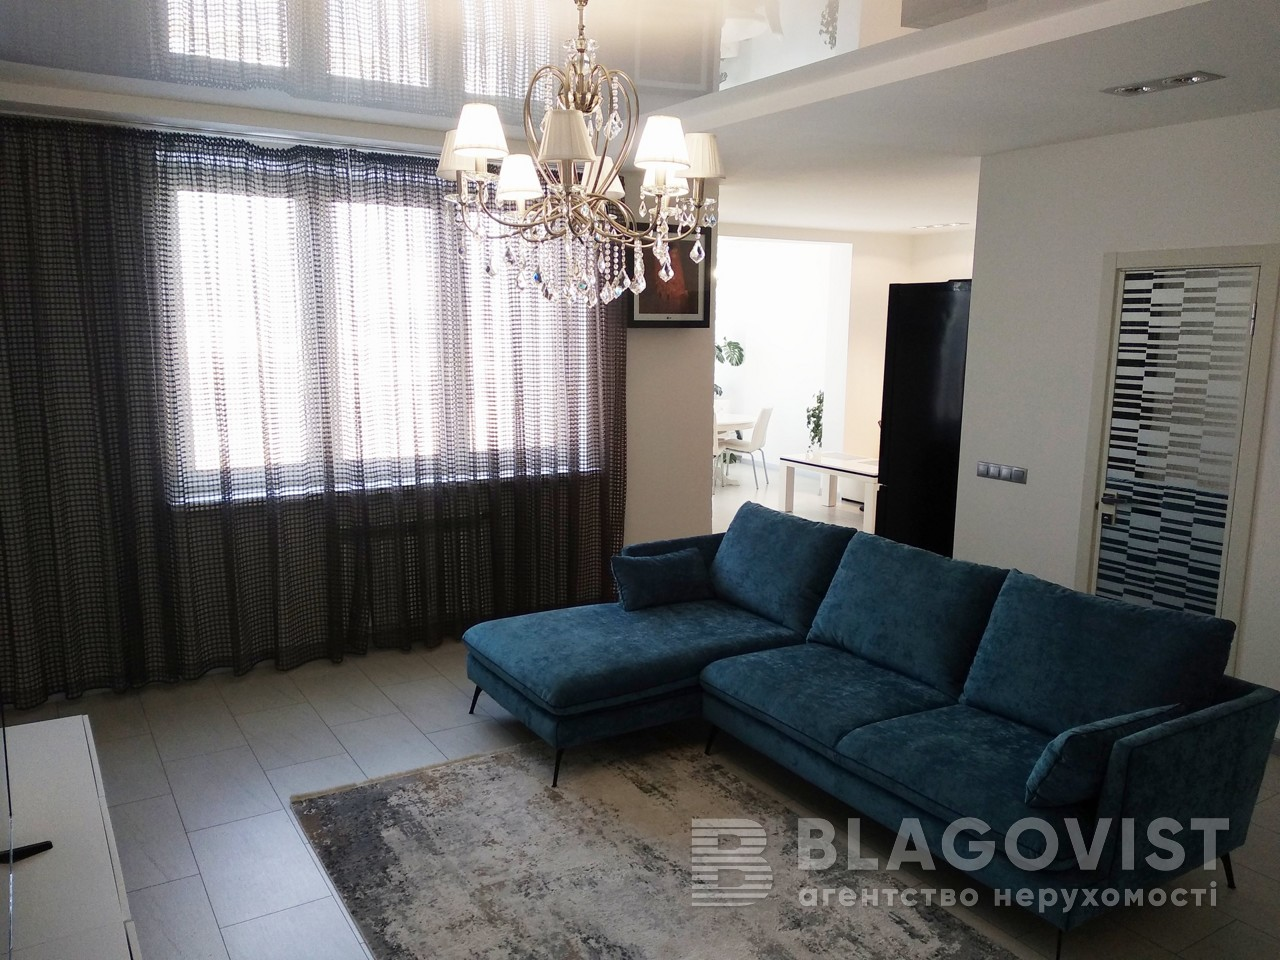 Квартира Z-1727901, Саперно-Слободская, 10, Киев - Фото 5